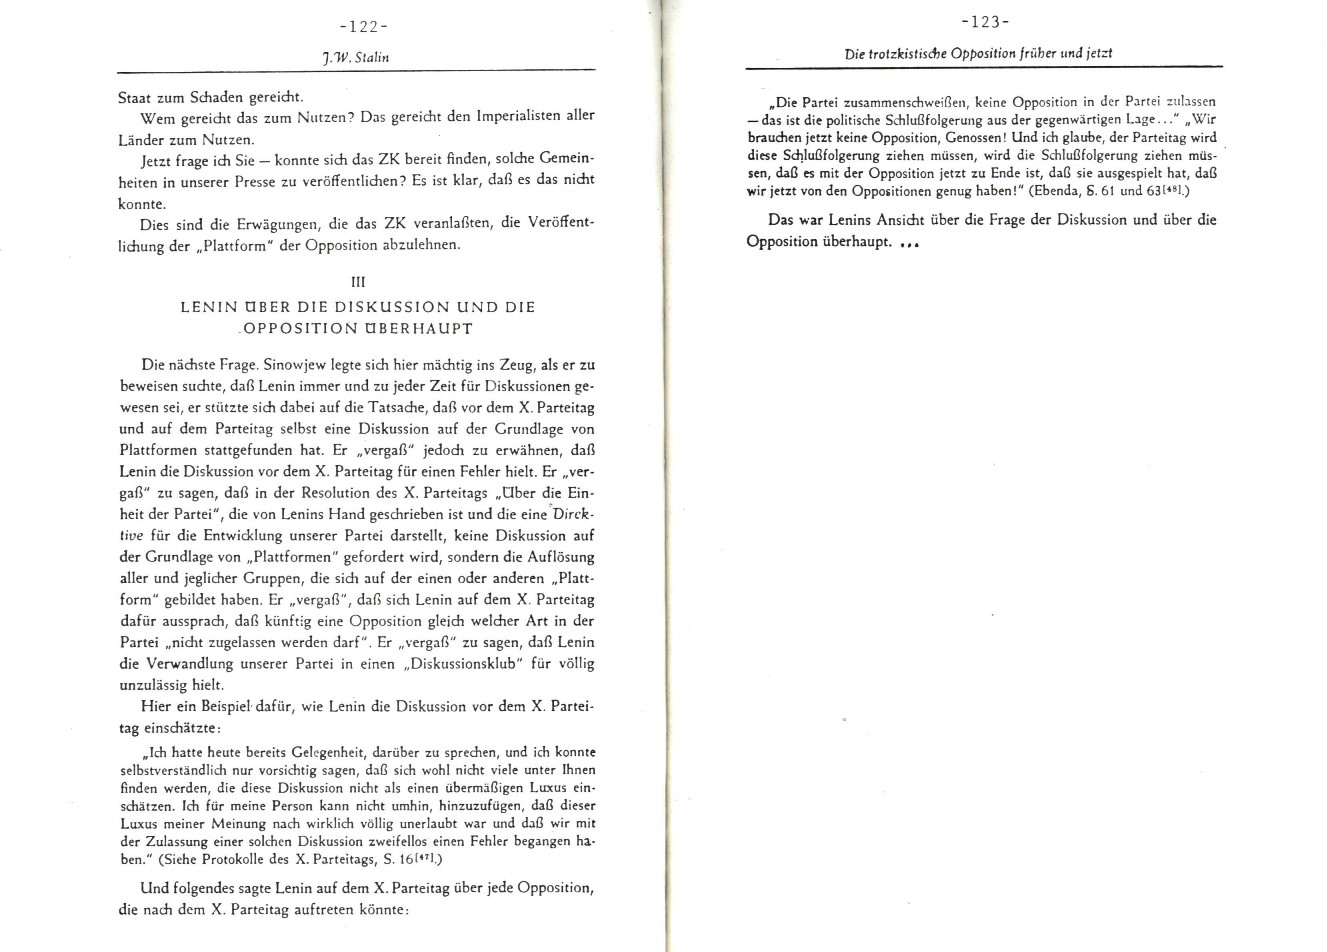 MLSK_Theorie_und_Praxis_des_ML_1979_25_62